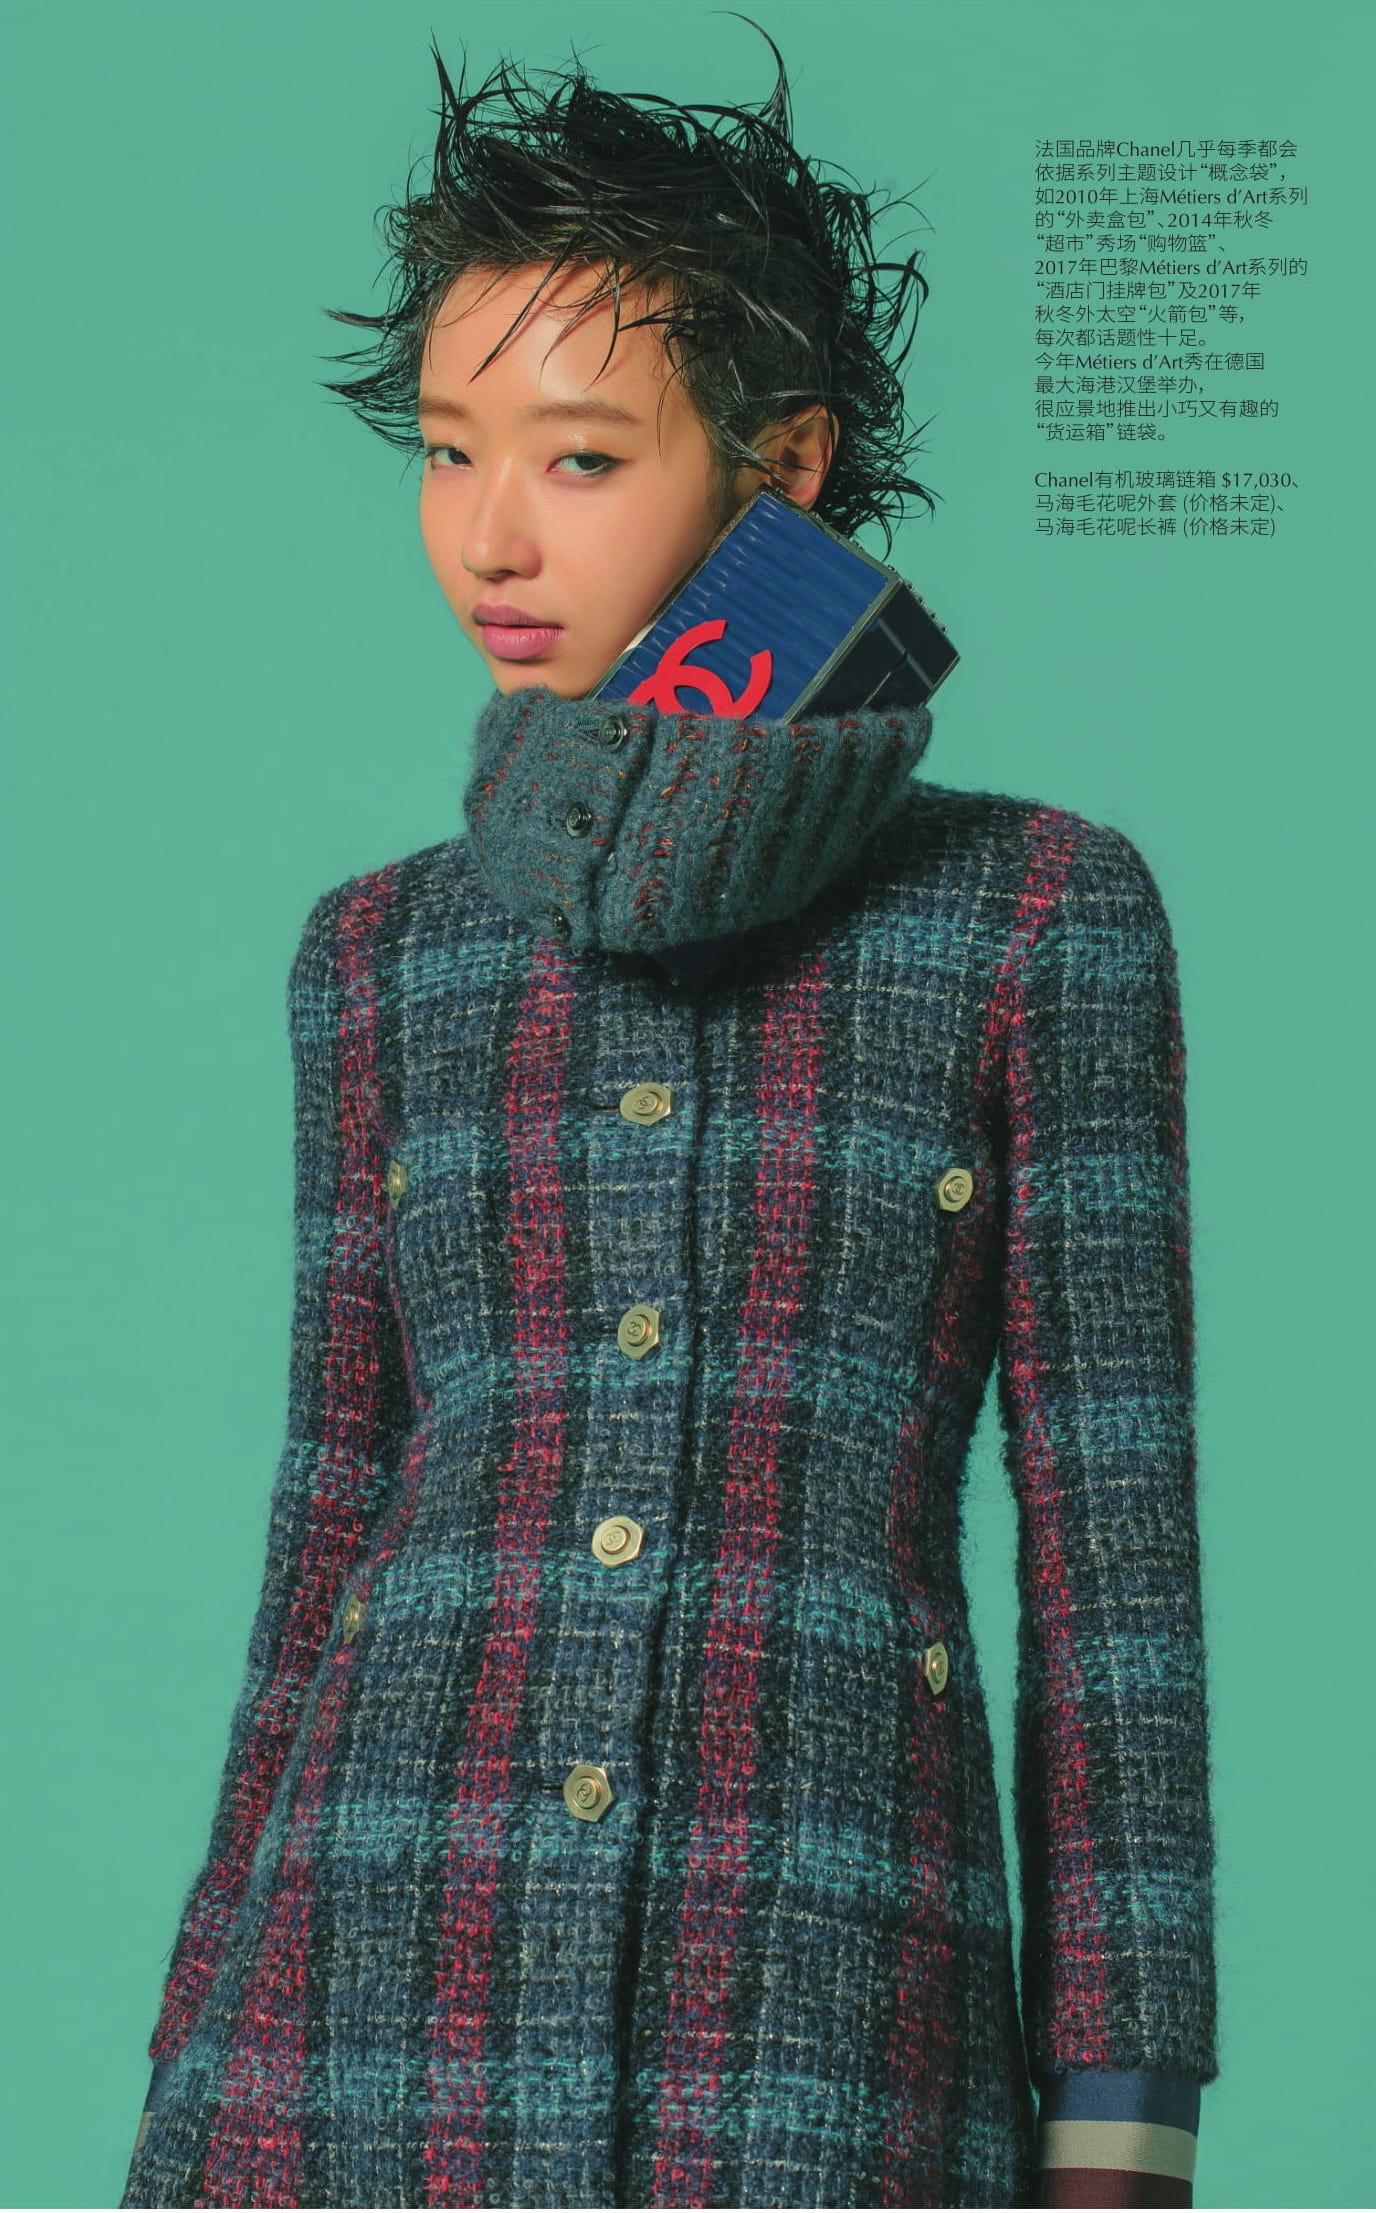 045 Fashion Spread BigSmall Bags5-1.jpeg